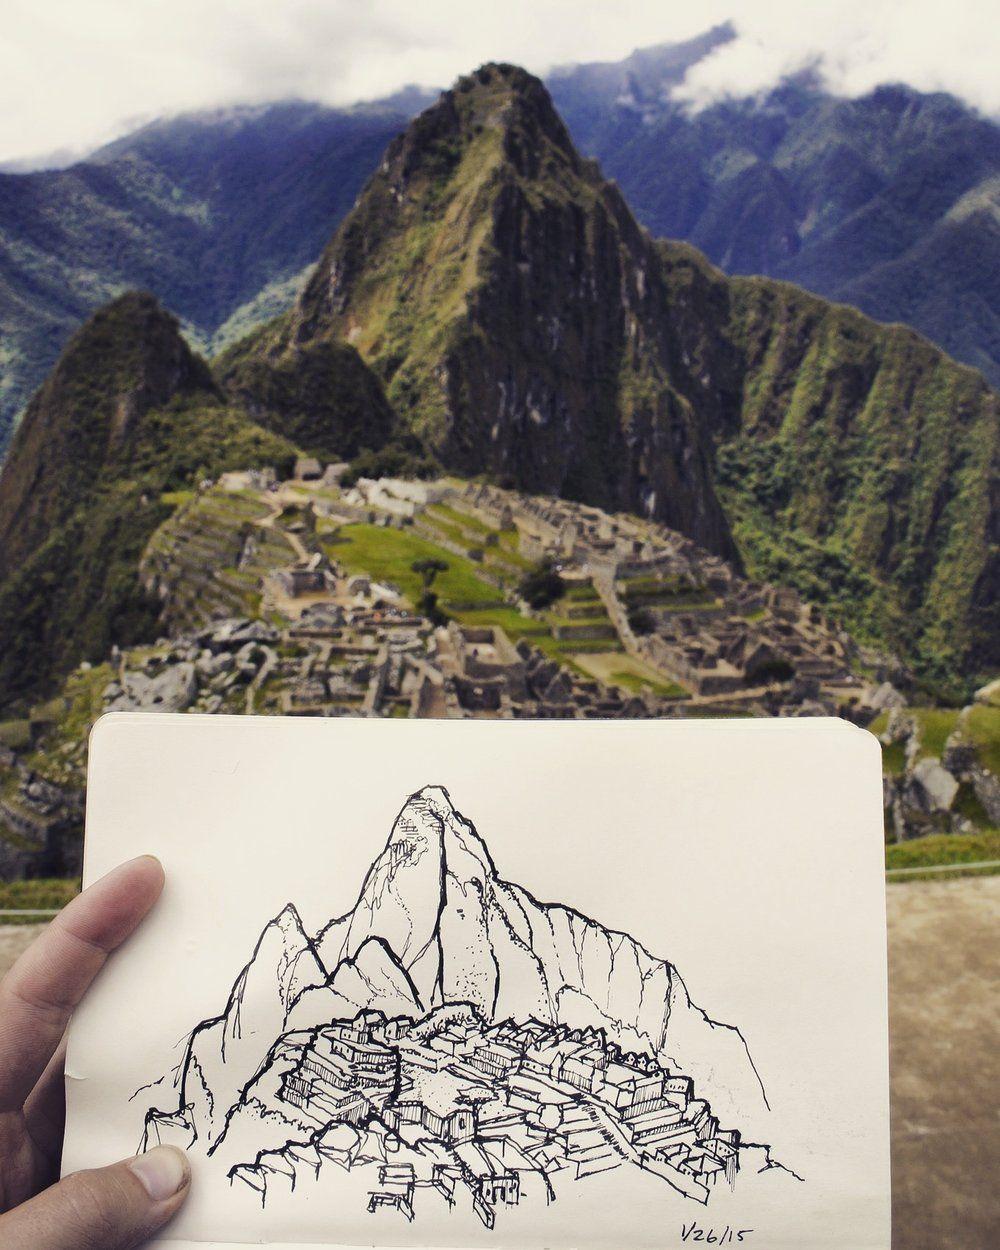 Image Result For Machu Picchu Illustration Machu Picchu Inca Trail Machu Picchu Machu Picchu Peru